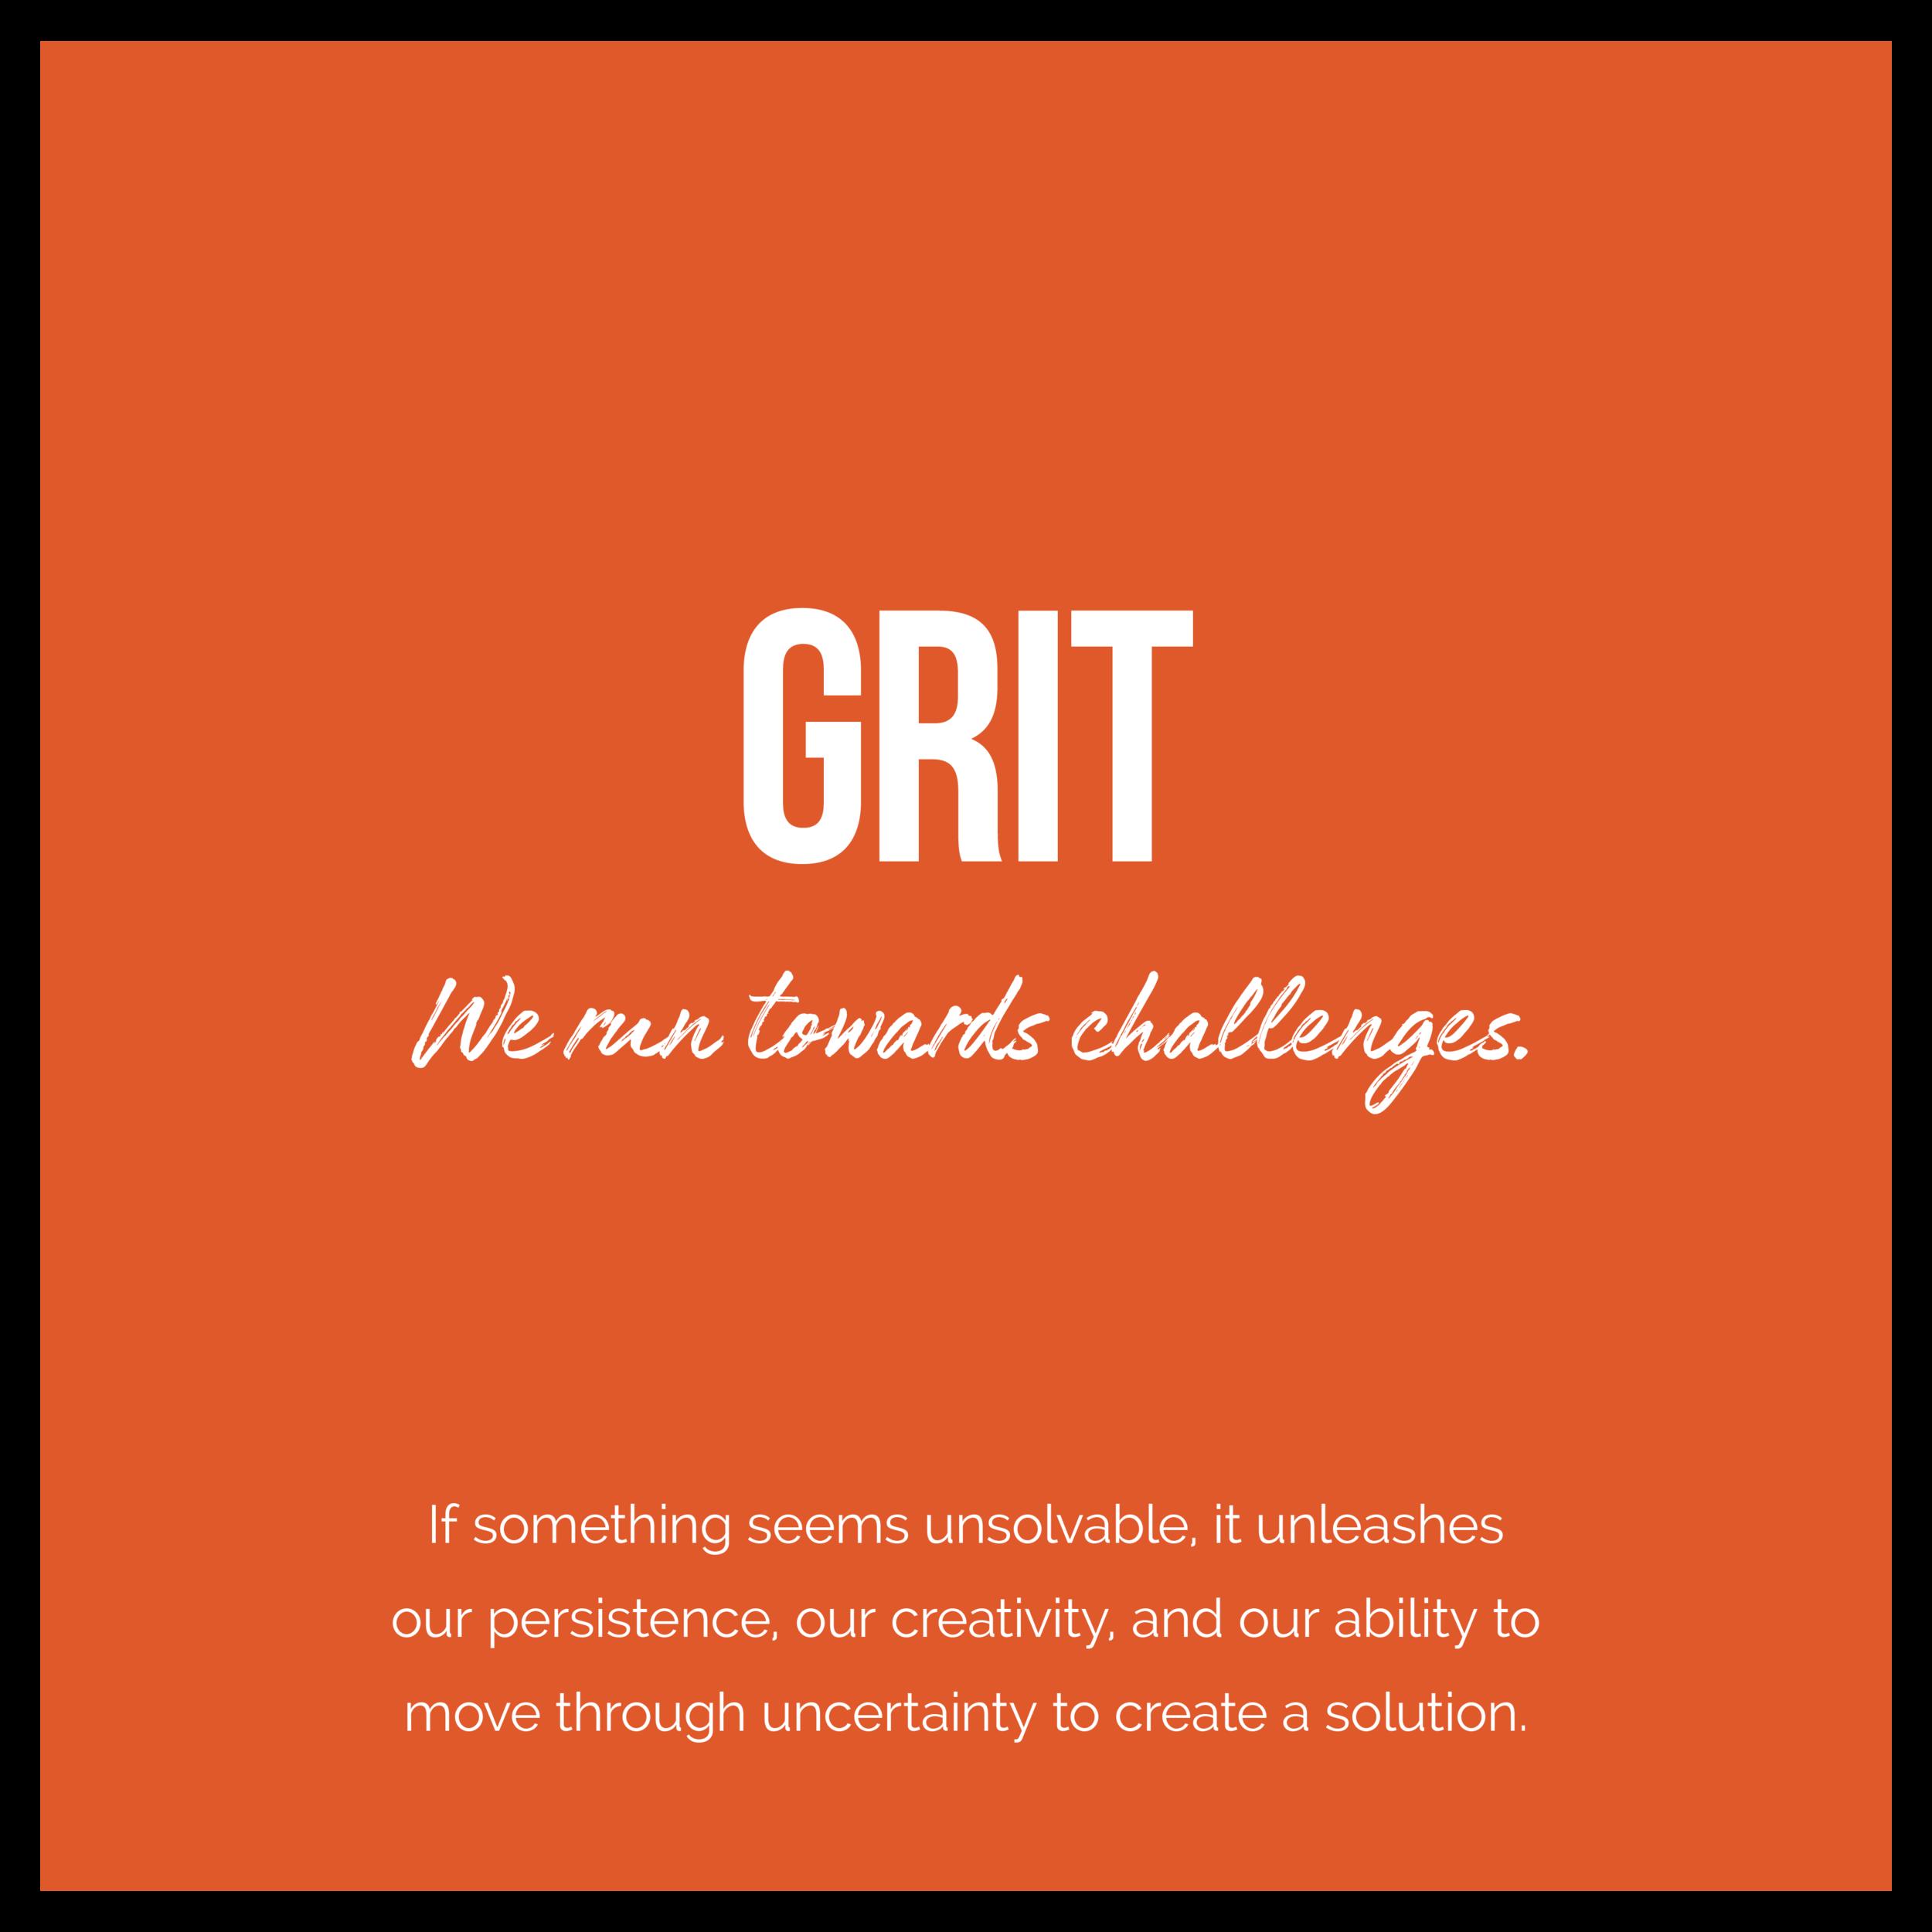 taskray-values-grit.png